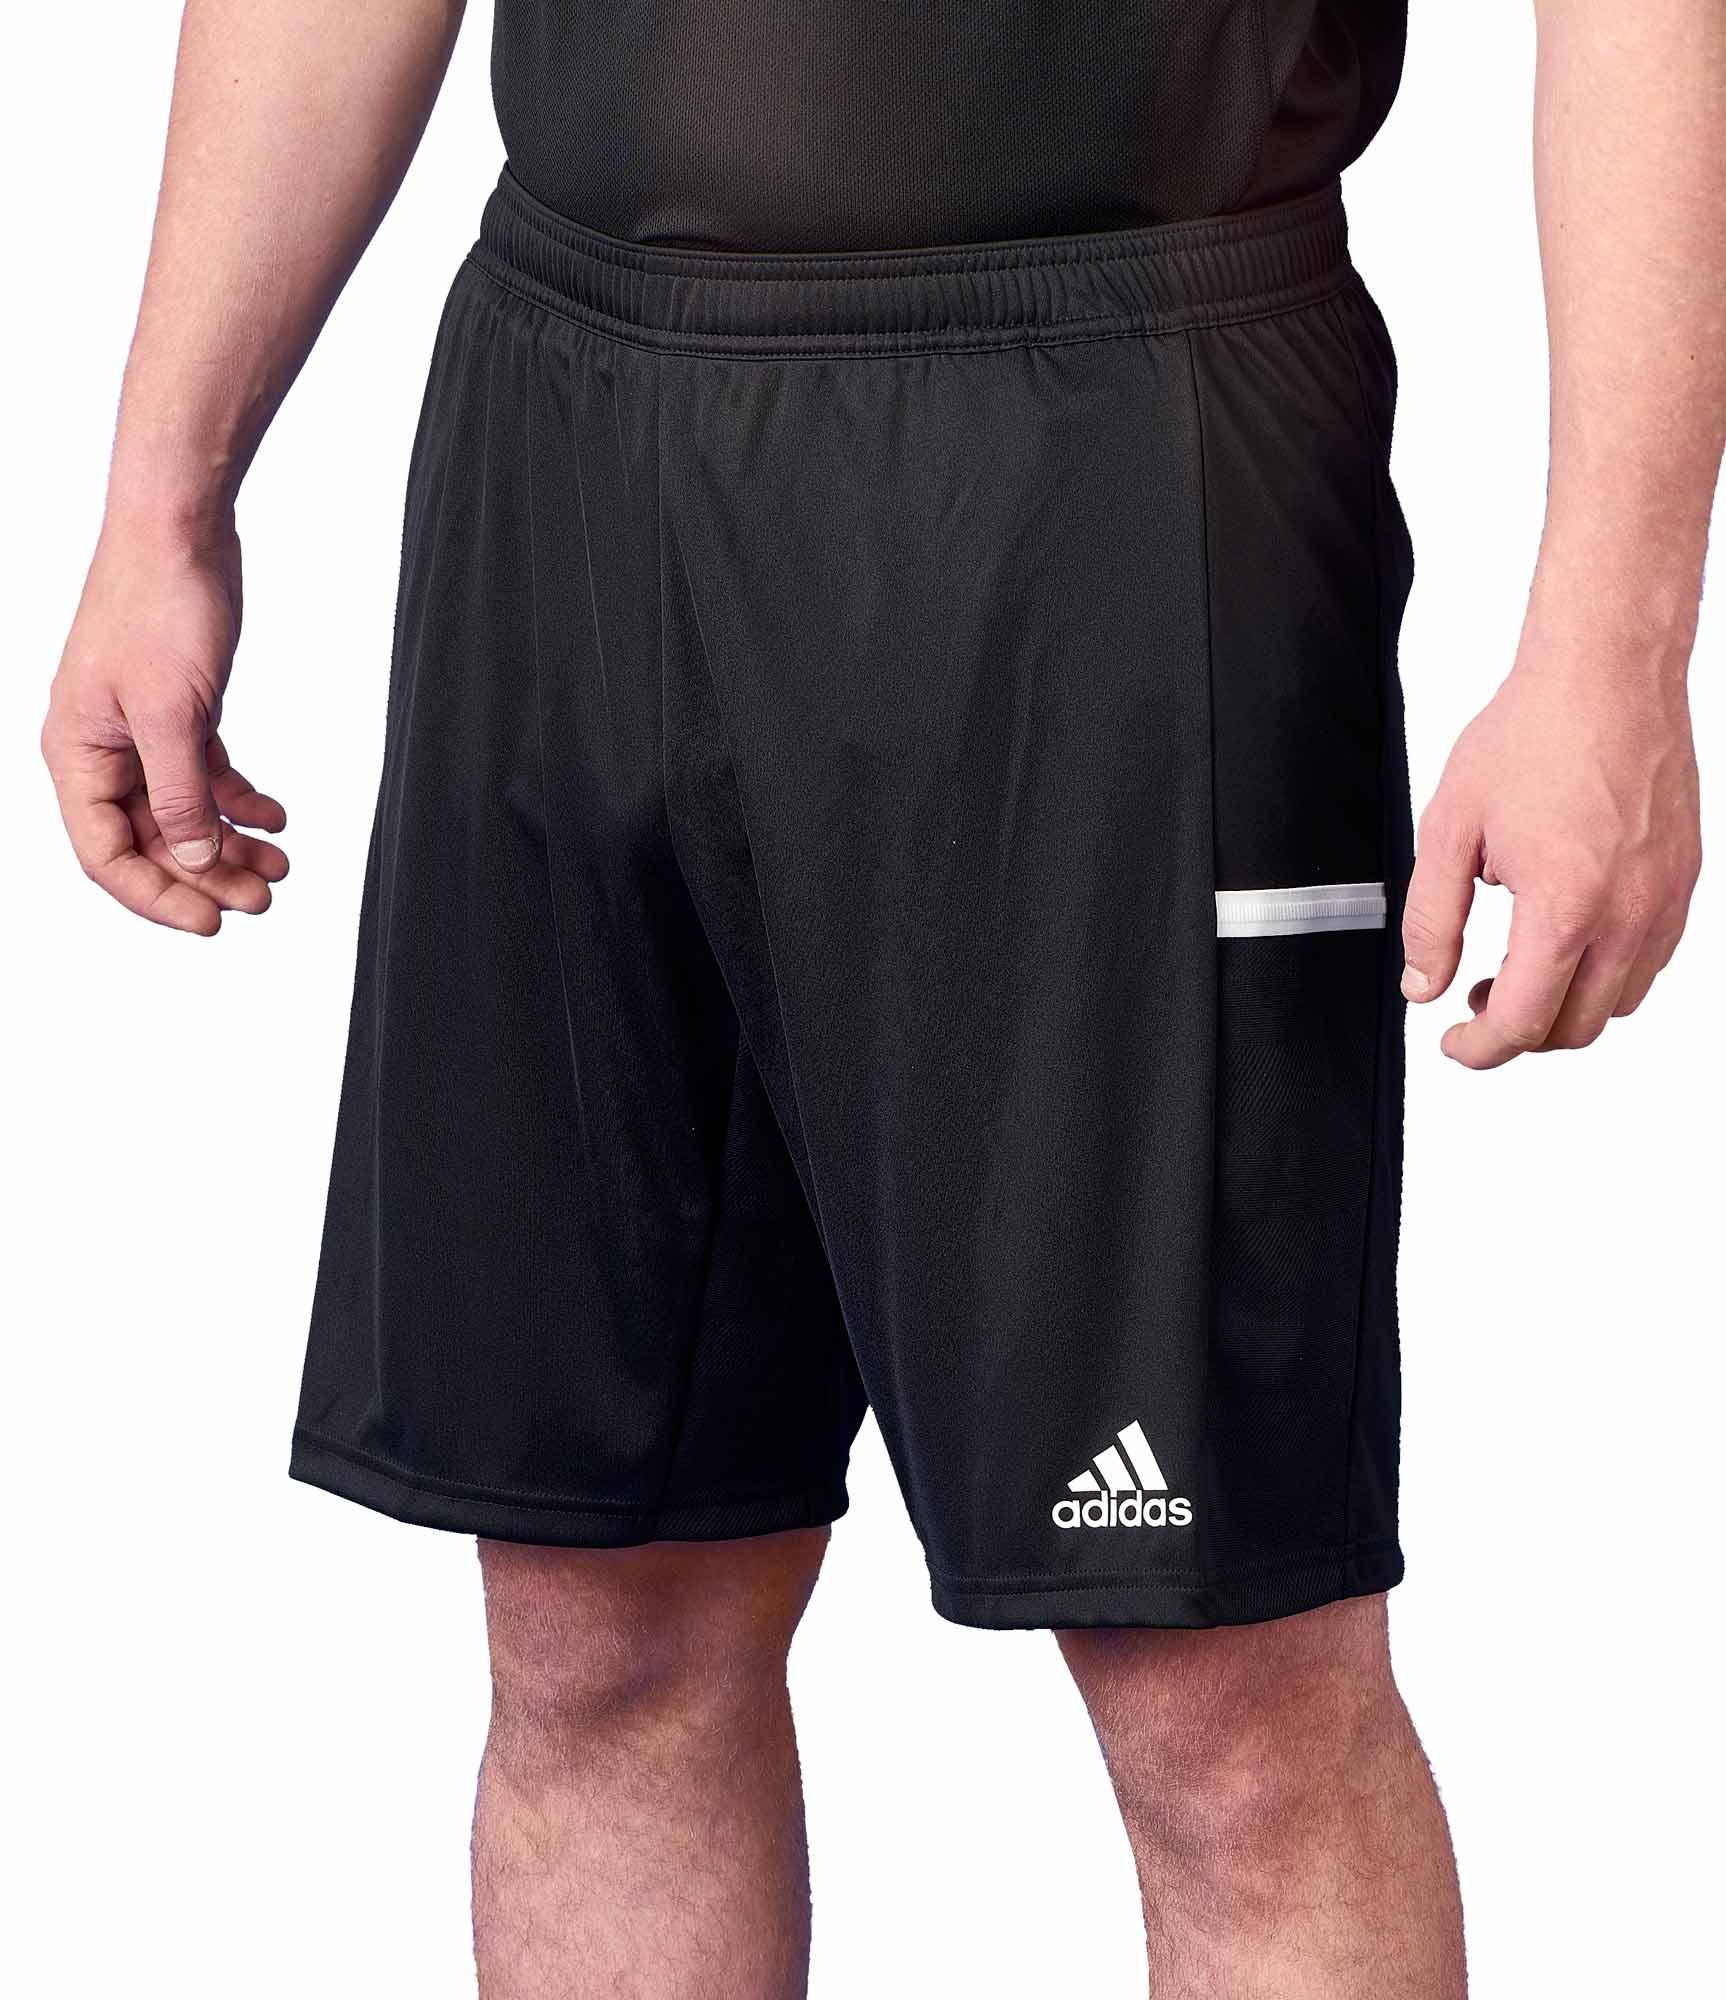 adidas T19 Knee Shorts Männer schwarzweiß, DW6864